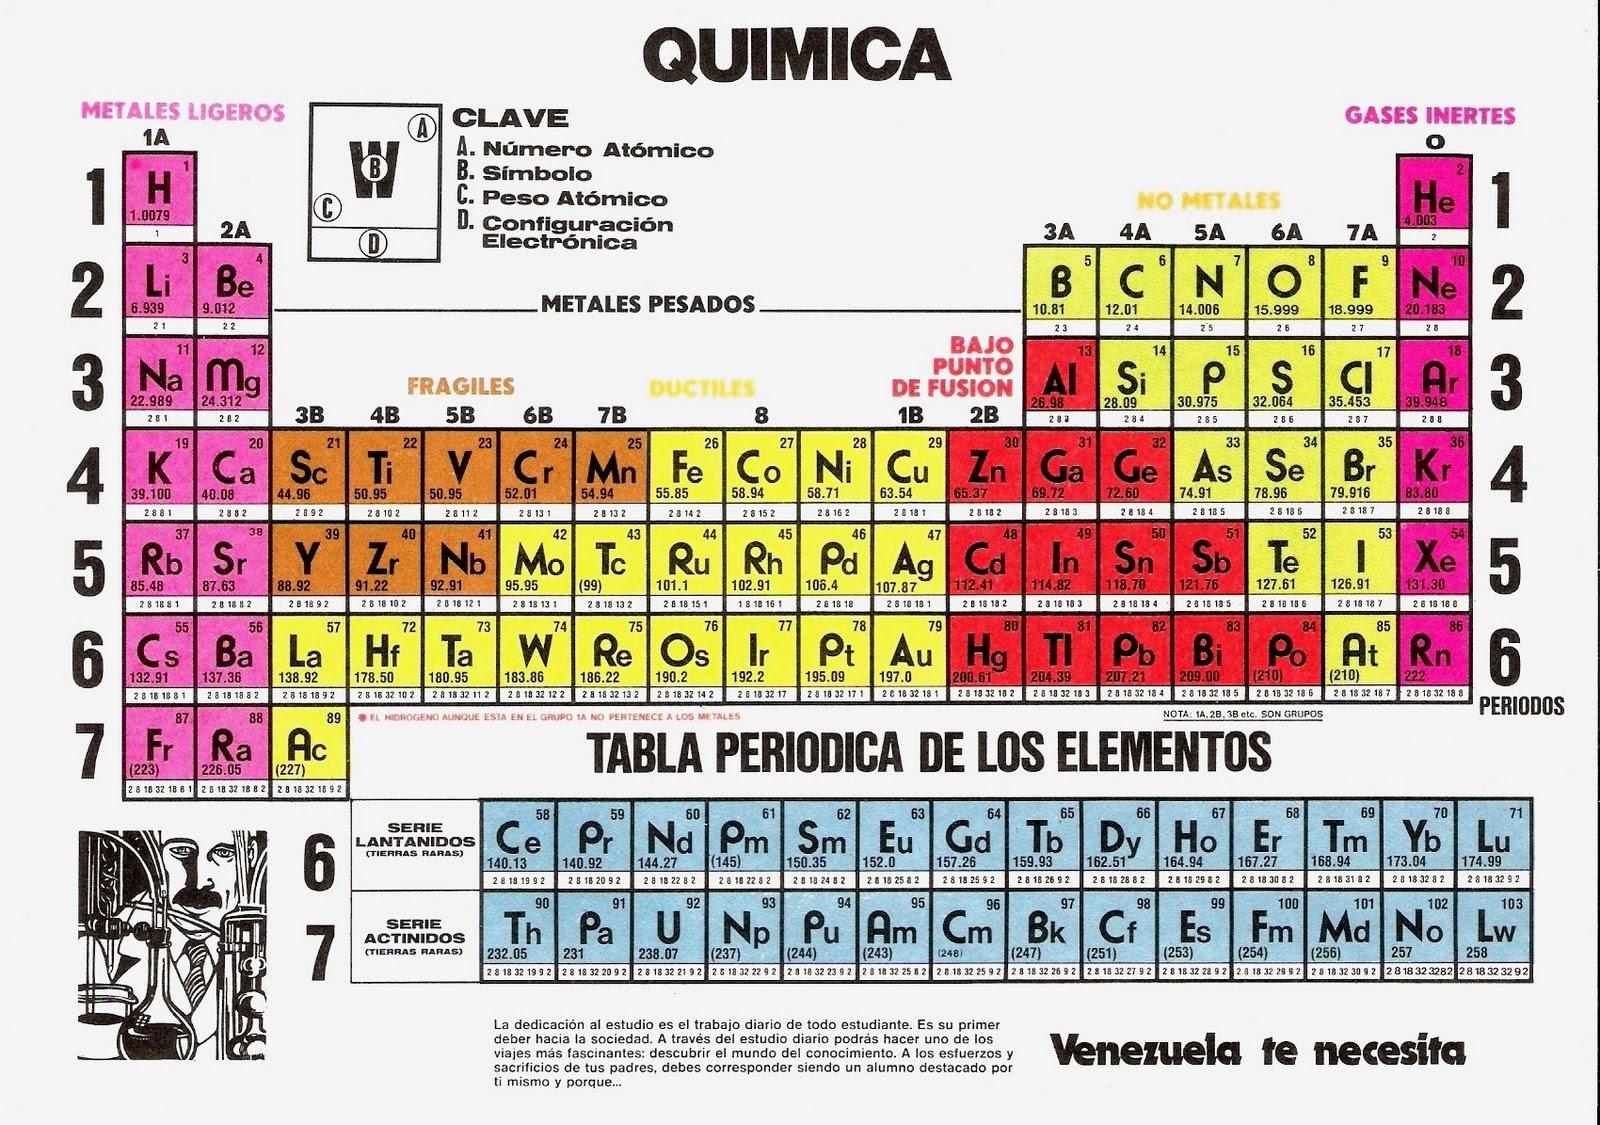 La red de la ciencia romn polo p el profeta del orden qumico mendeliev madrid nivola 2002 p 190 urtaz Images